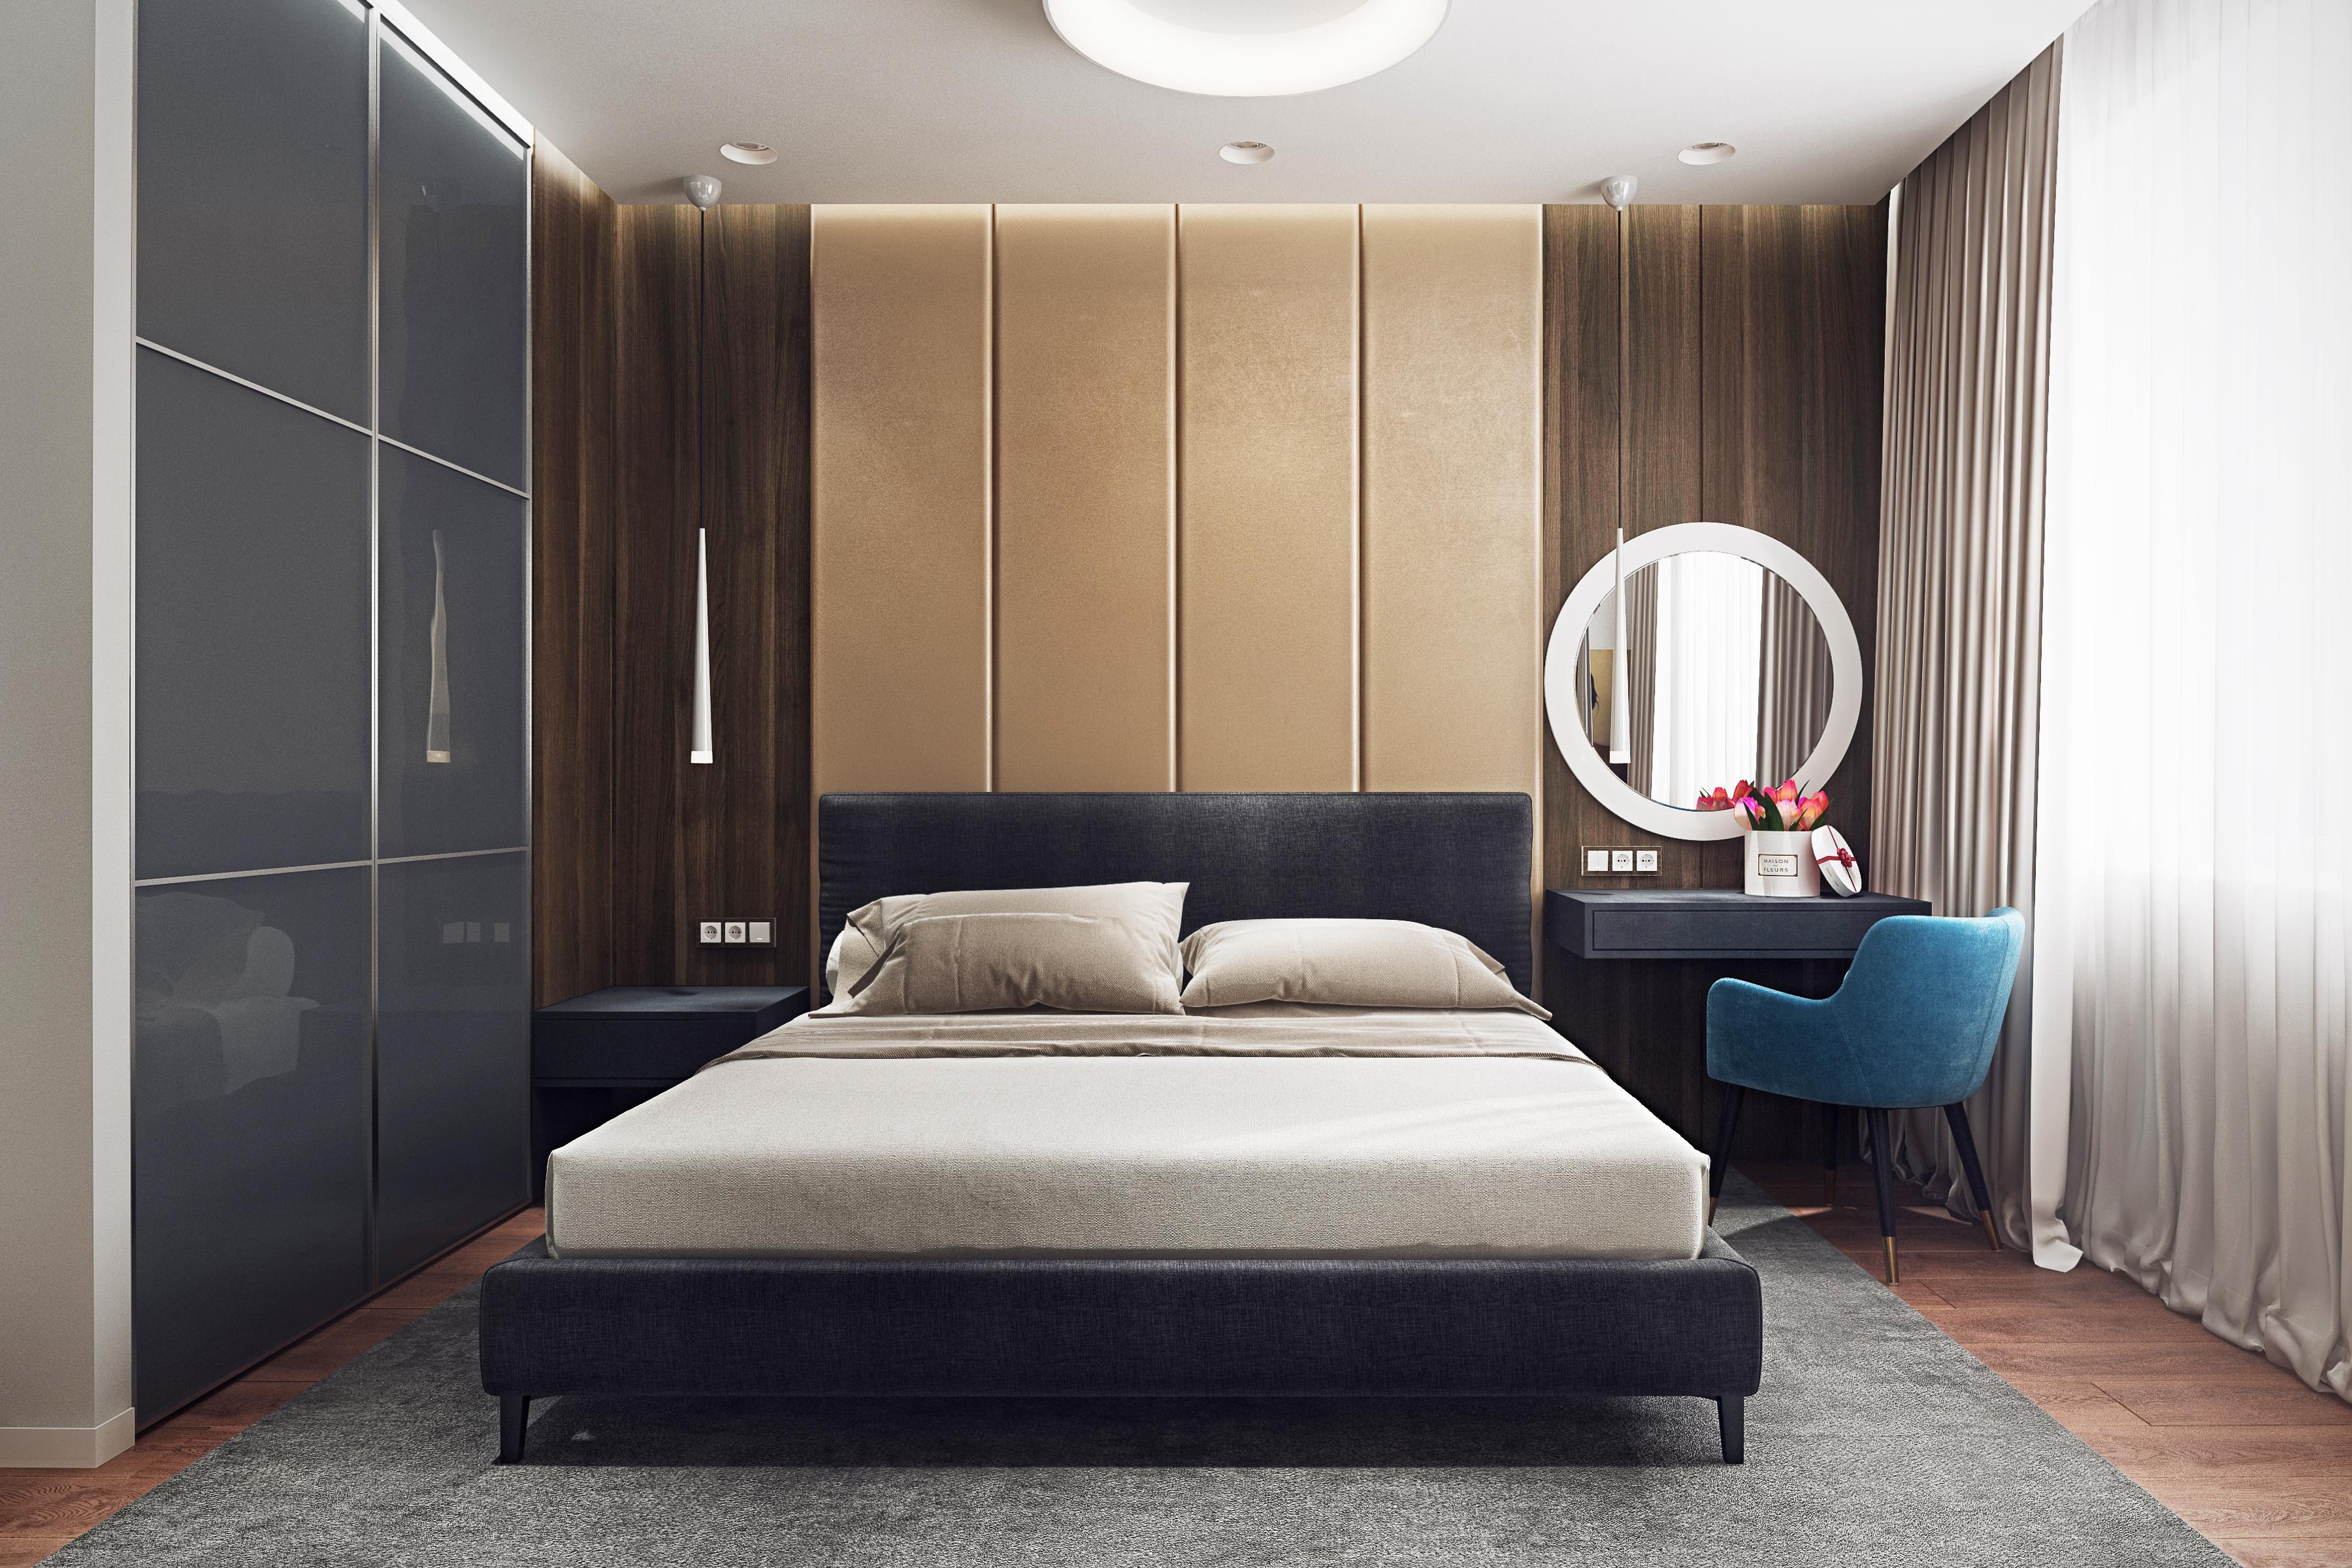 Дизайн квартиры ЖК Путилково — спальня